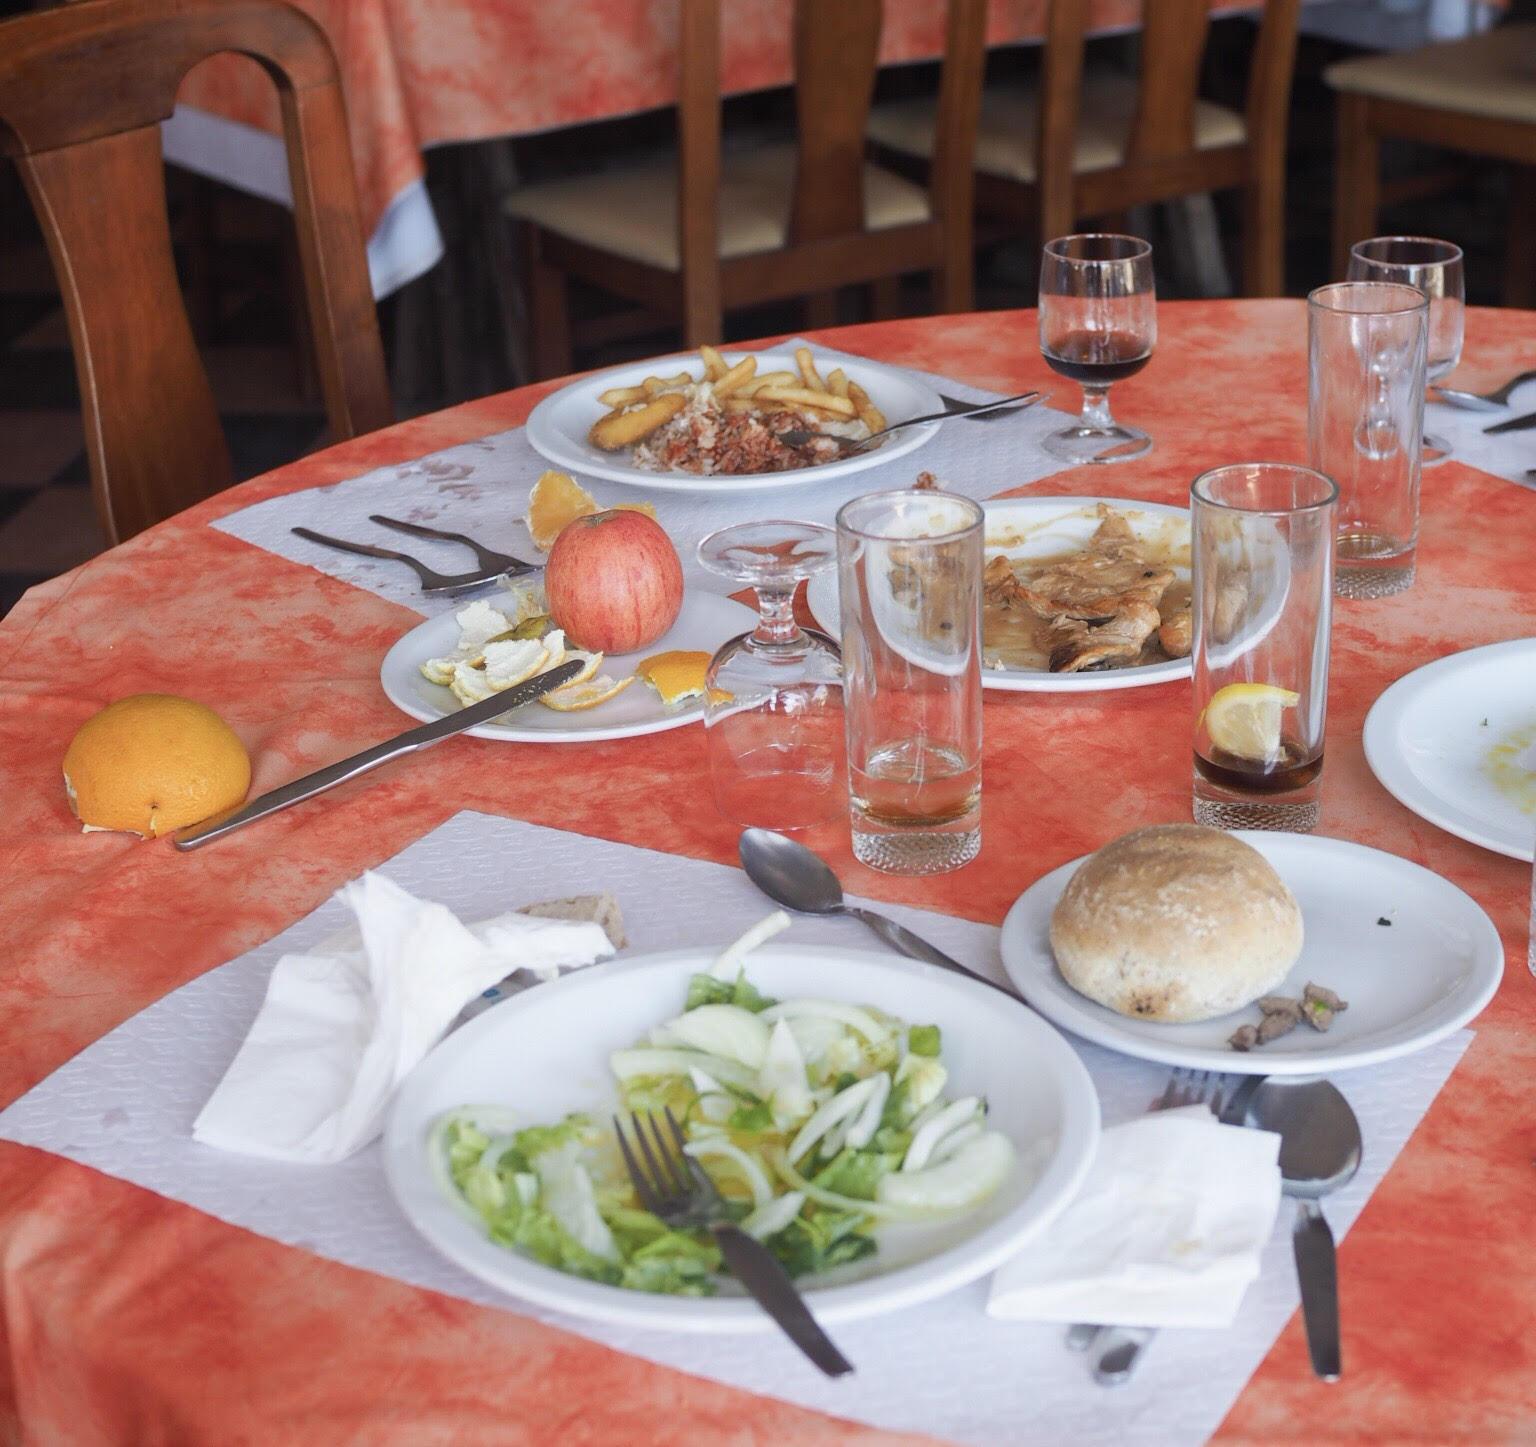 madspild på hotel i Portugal